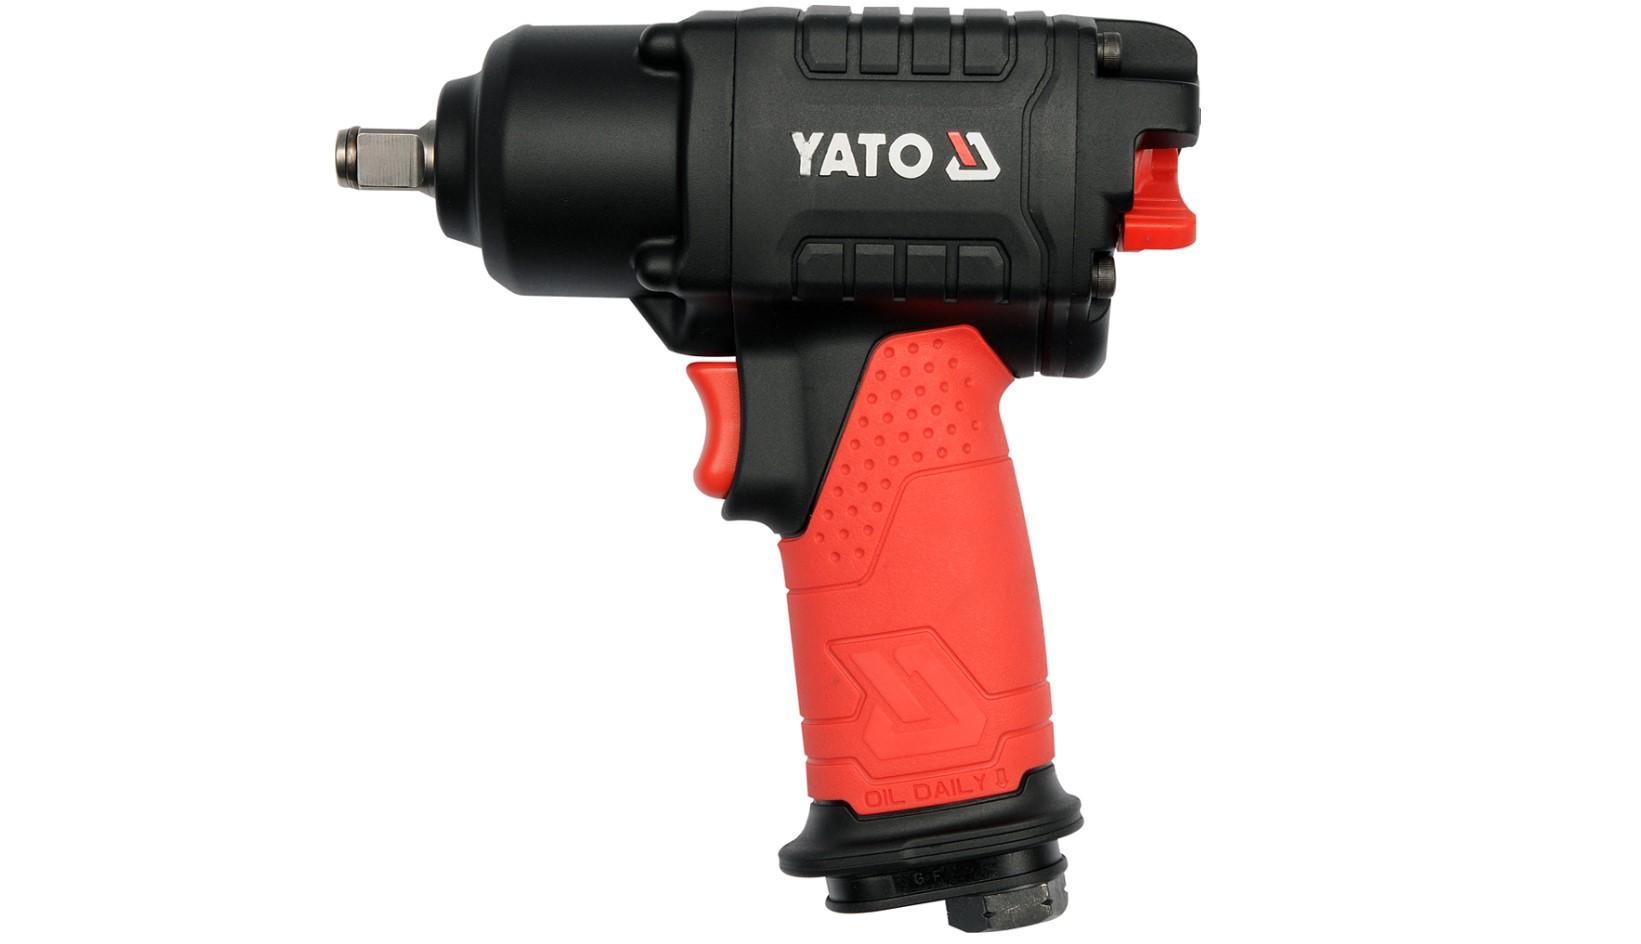 Slagmoersleutel YT-09501 YATO YT-09501 van originele kwaliteit